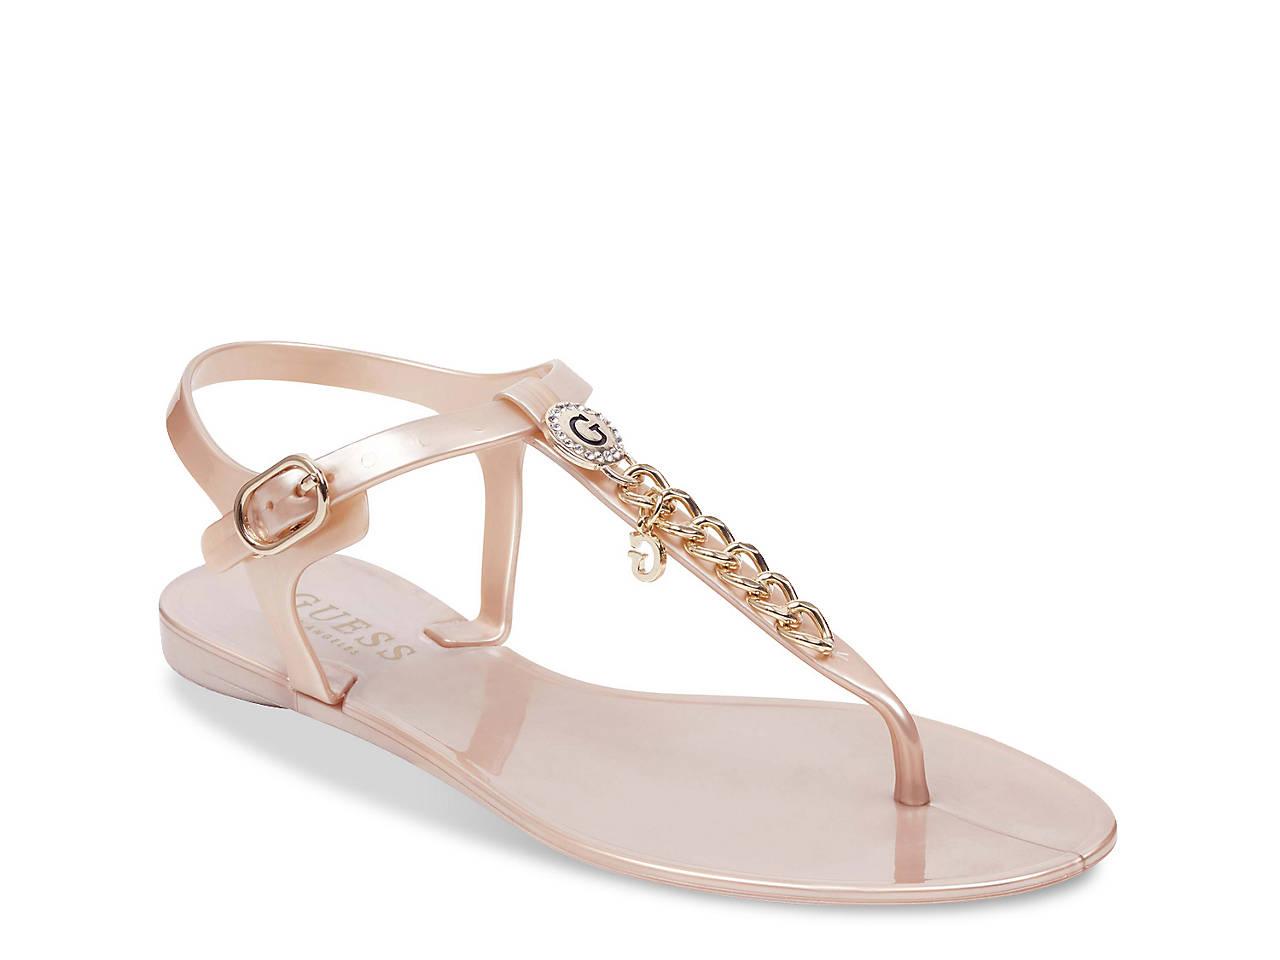 0871b57c2690 Guess Appear Sandal Women s Shoes